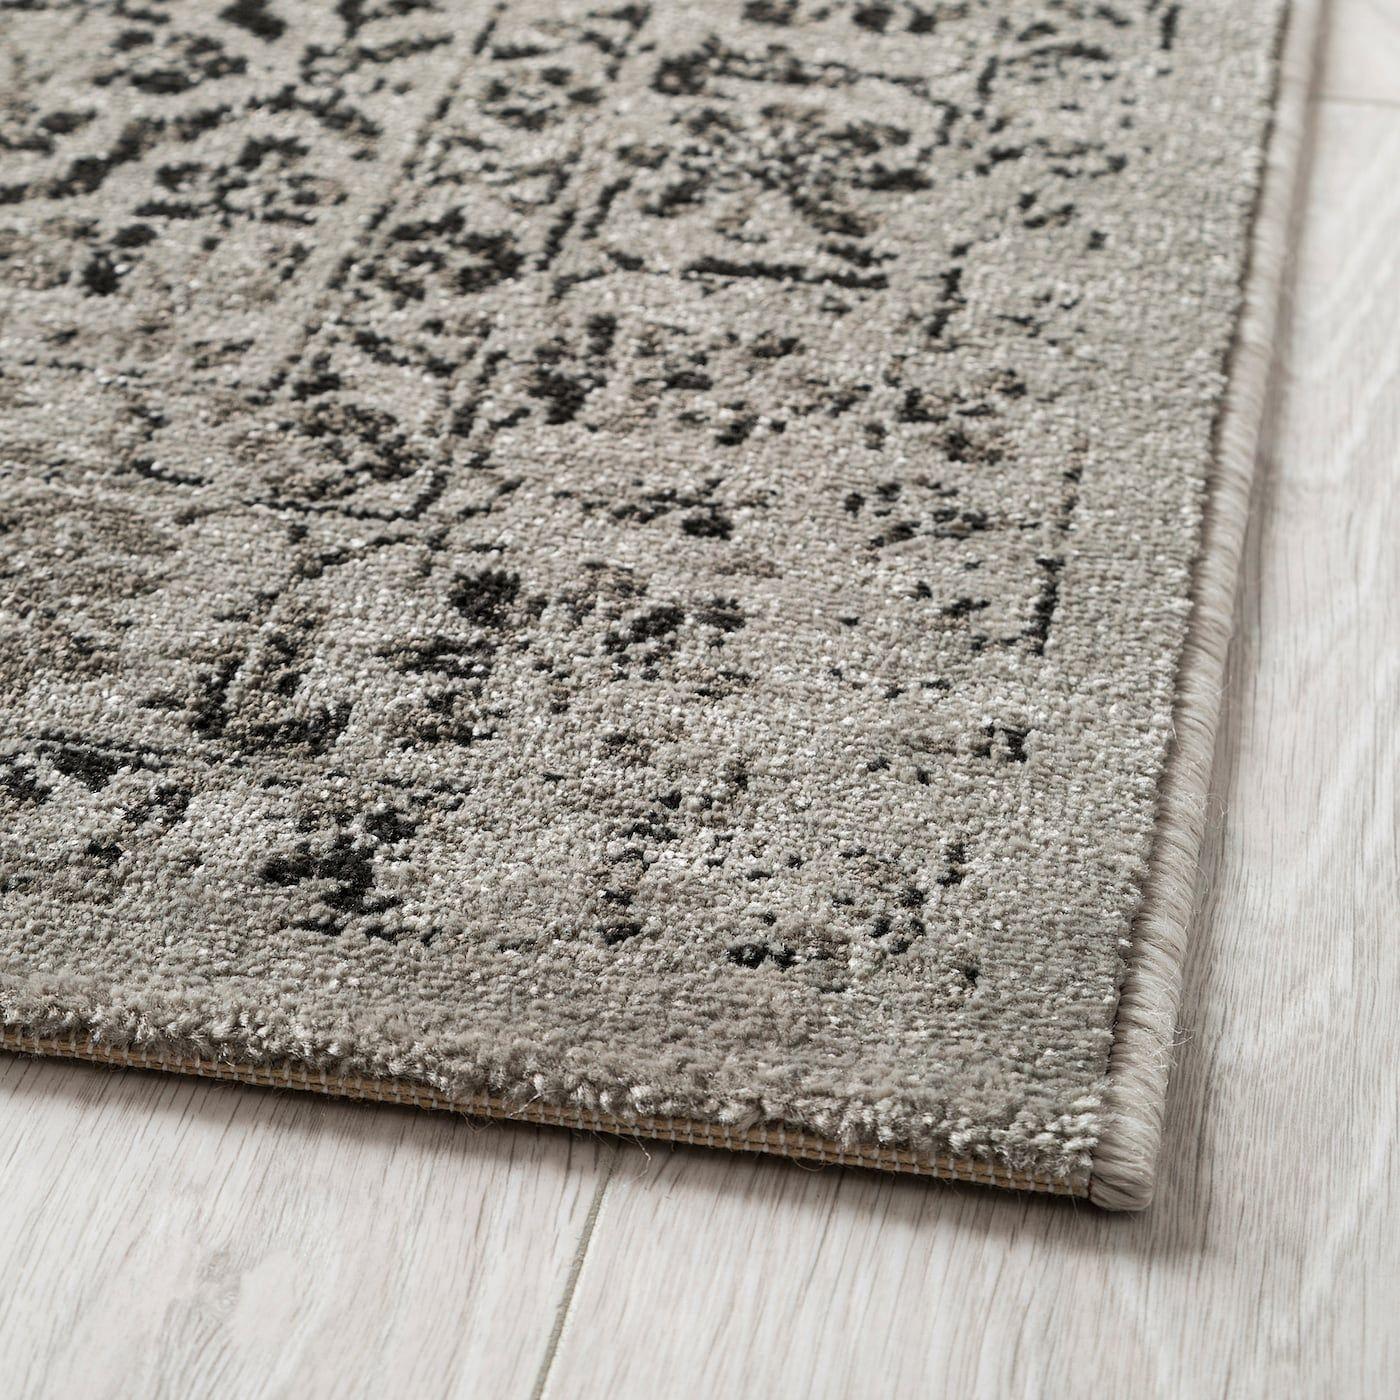 Full Size of Manstrup Teppich Kurzflor Grau Antiklook Modulküche Ikea Küche Kosten Miniküche Kaufen Betten Bei 160x200 Sofa Mit Schlaffunktion Wohnzimmer Küchenläufer Ikea